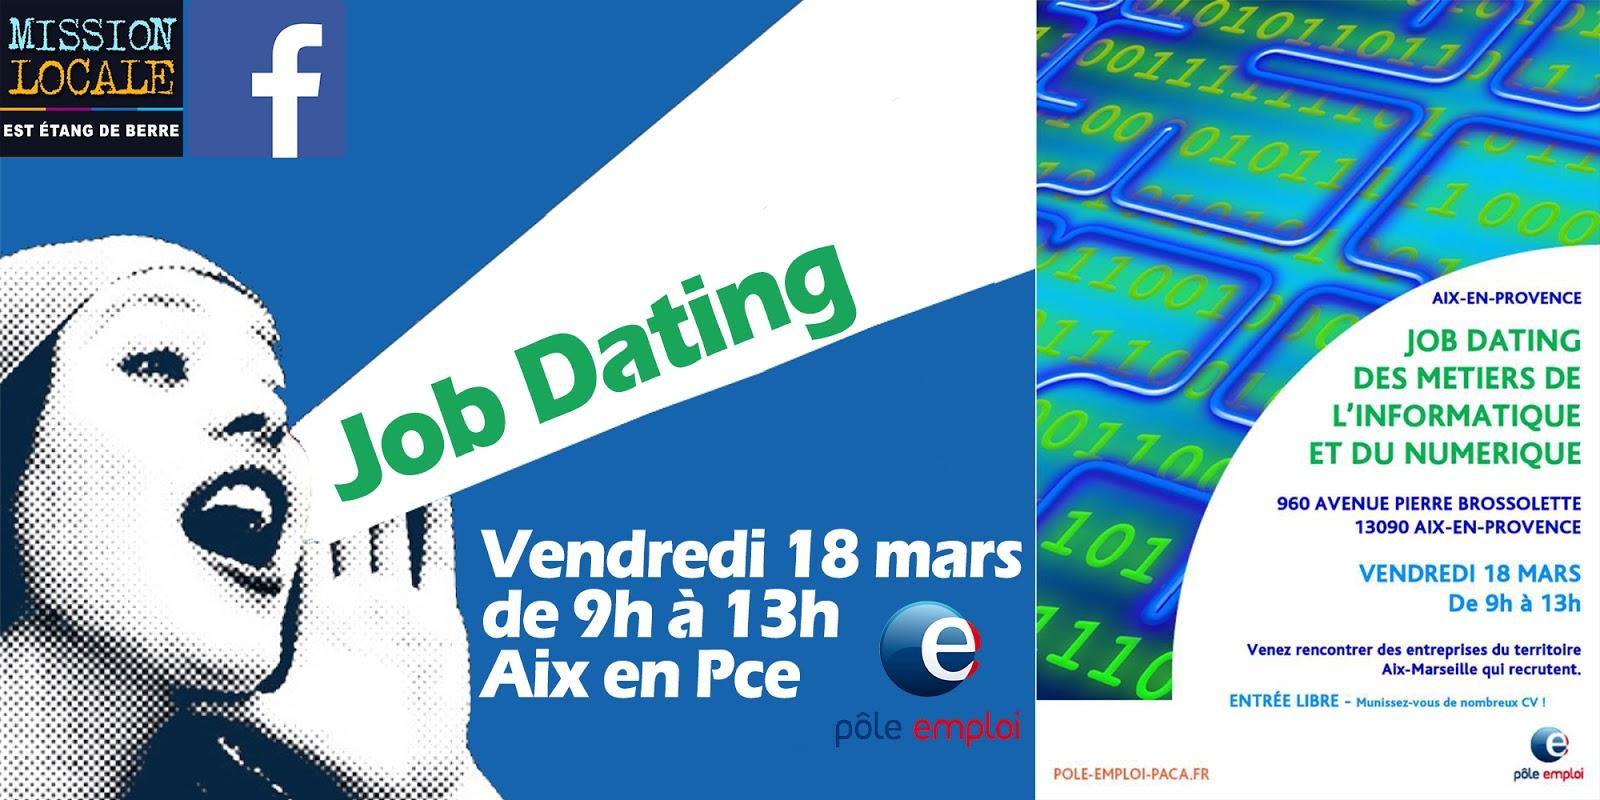 Job dating aix en provence